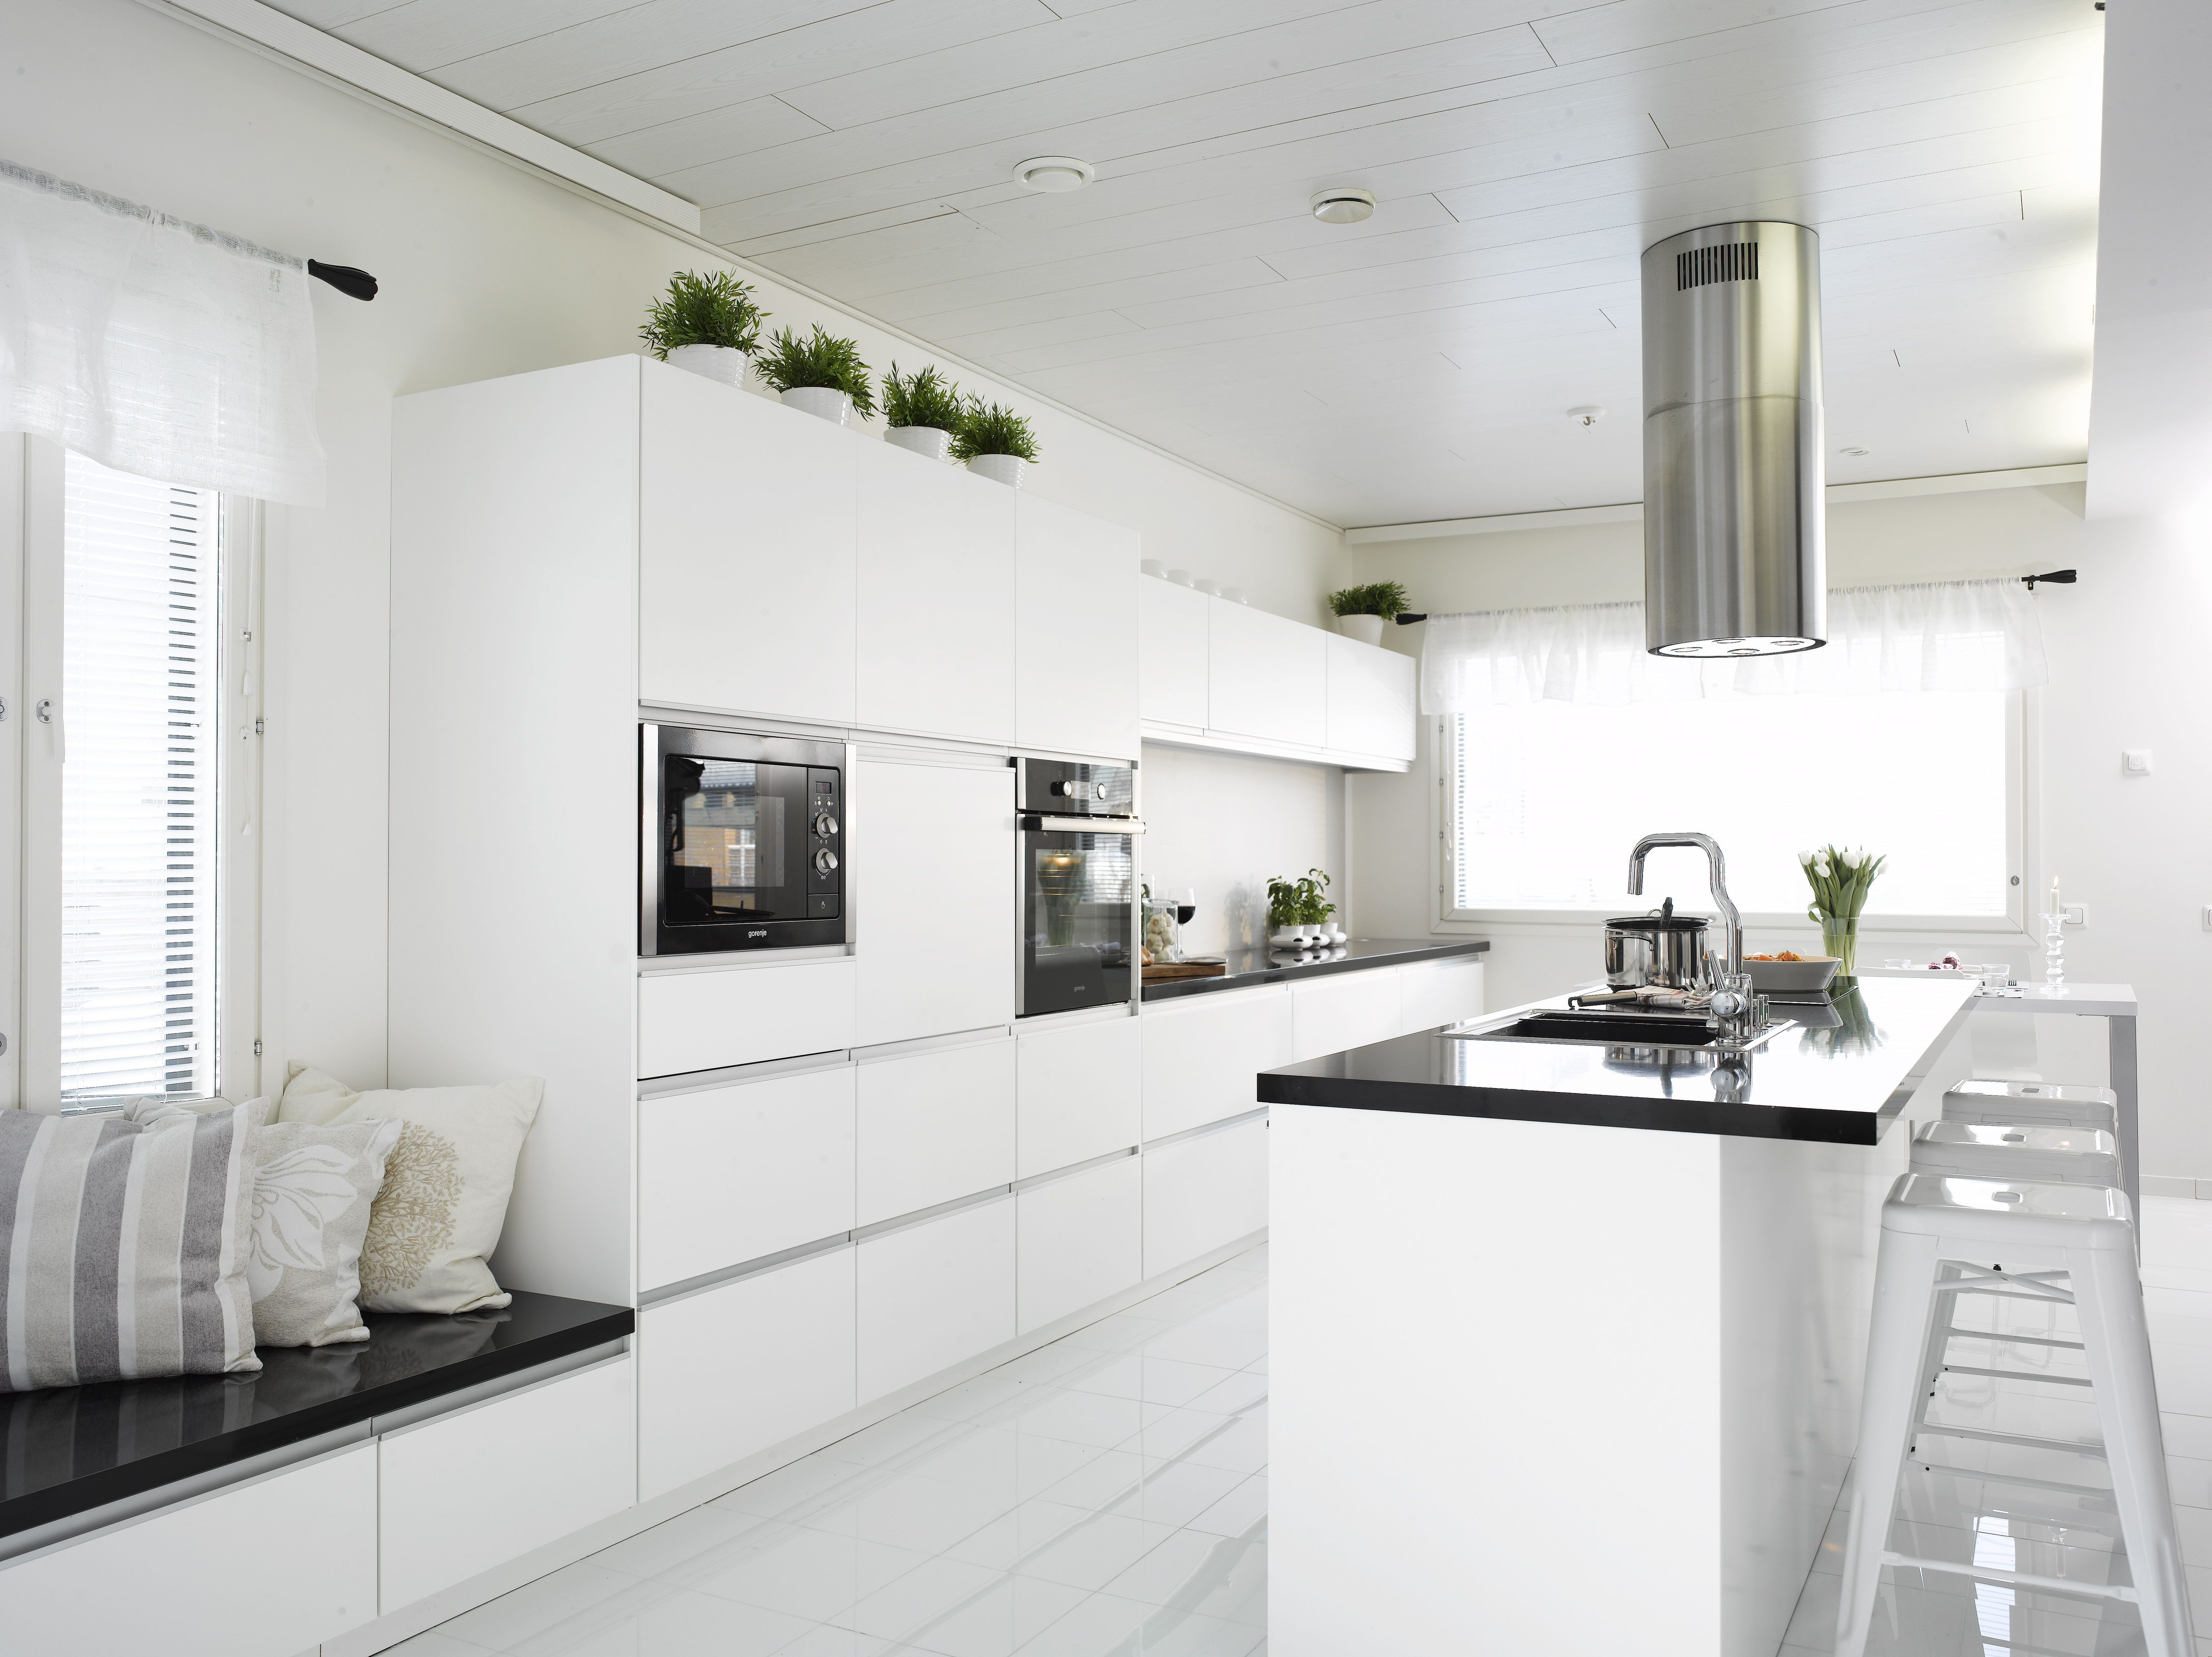 Moderni valkoinen ja selkeälinjainen keittiö Vetimien